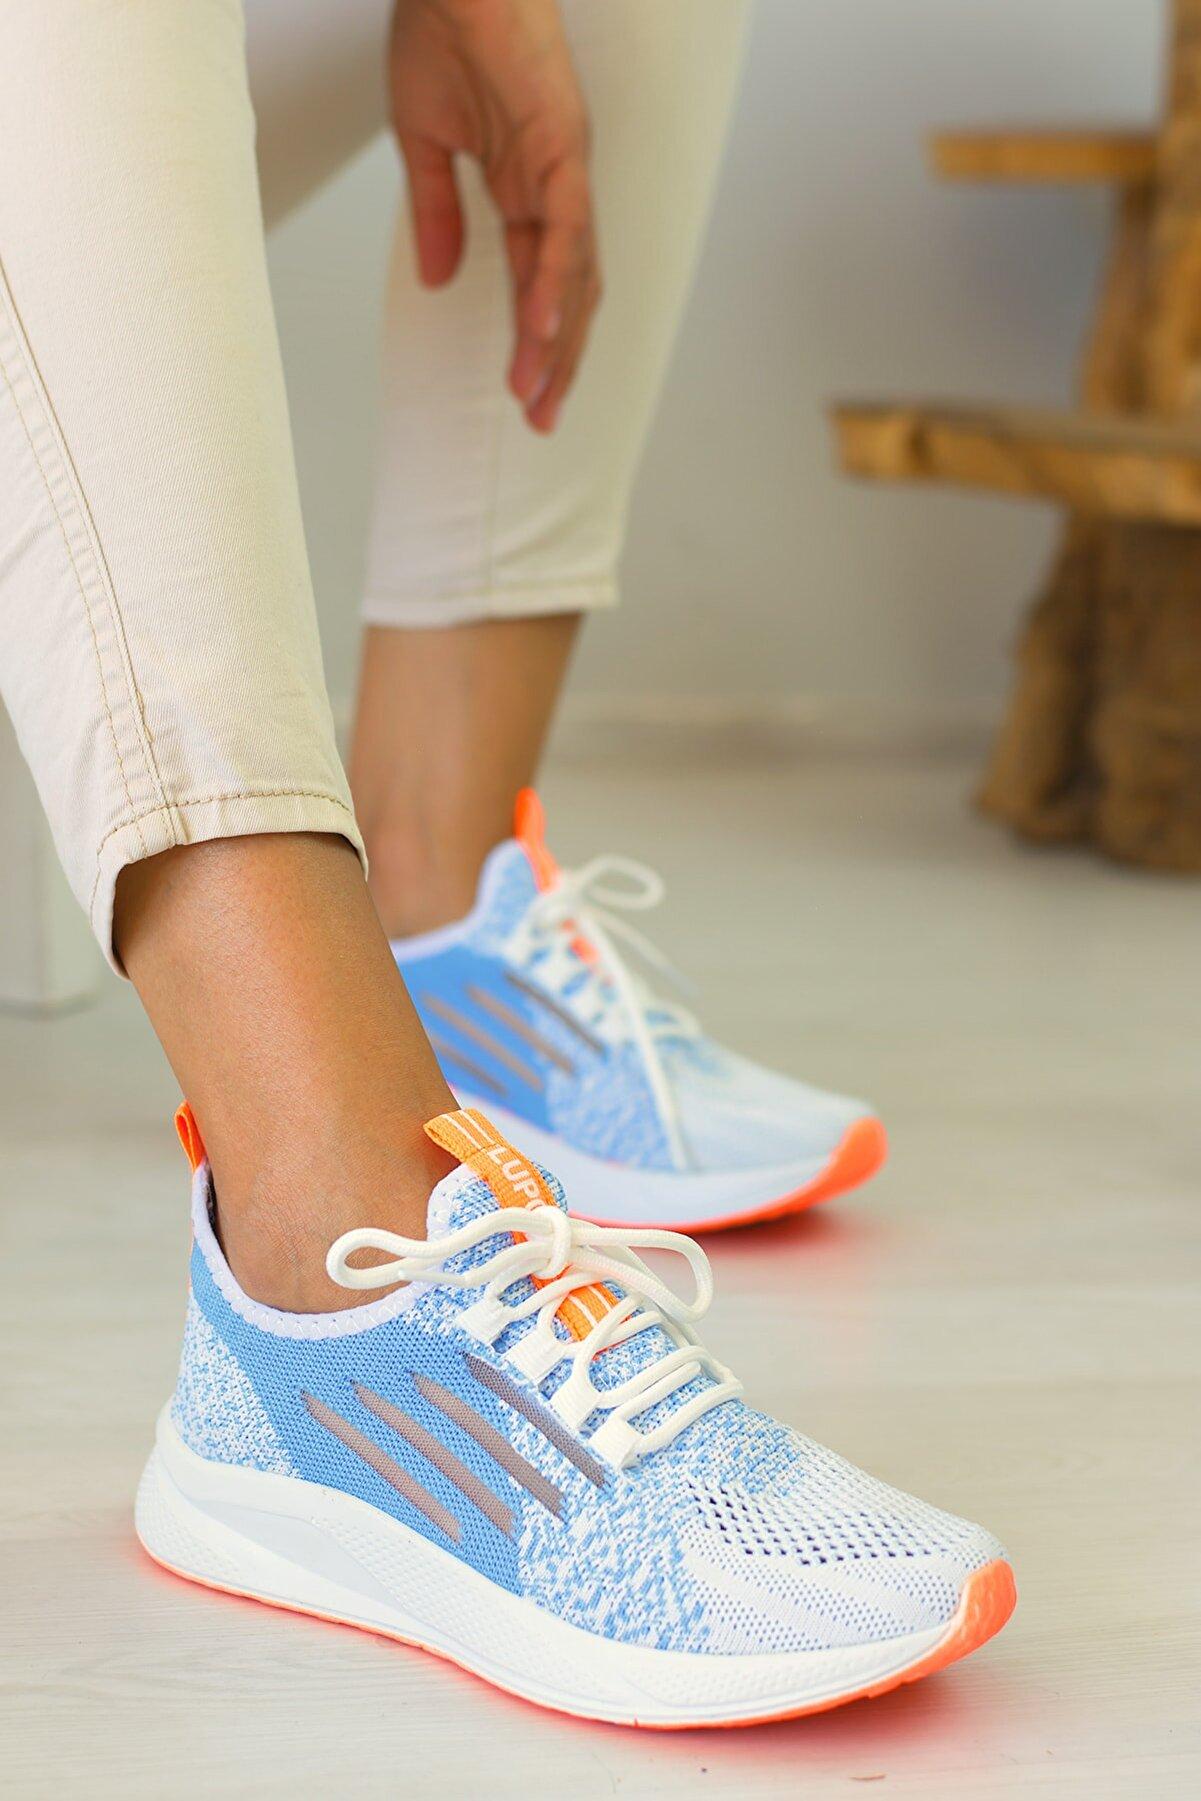 Loppo Kadın Triko Bağcıklı Sneaker Spor Ayakkabı 507 (BİR BEDEN KÜÇÜK SİPARİŞ VERİNİZ)